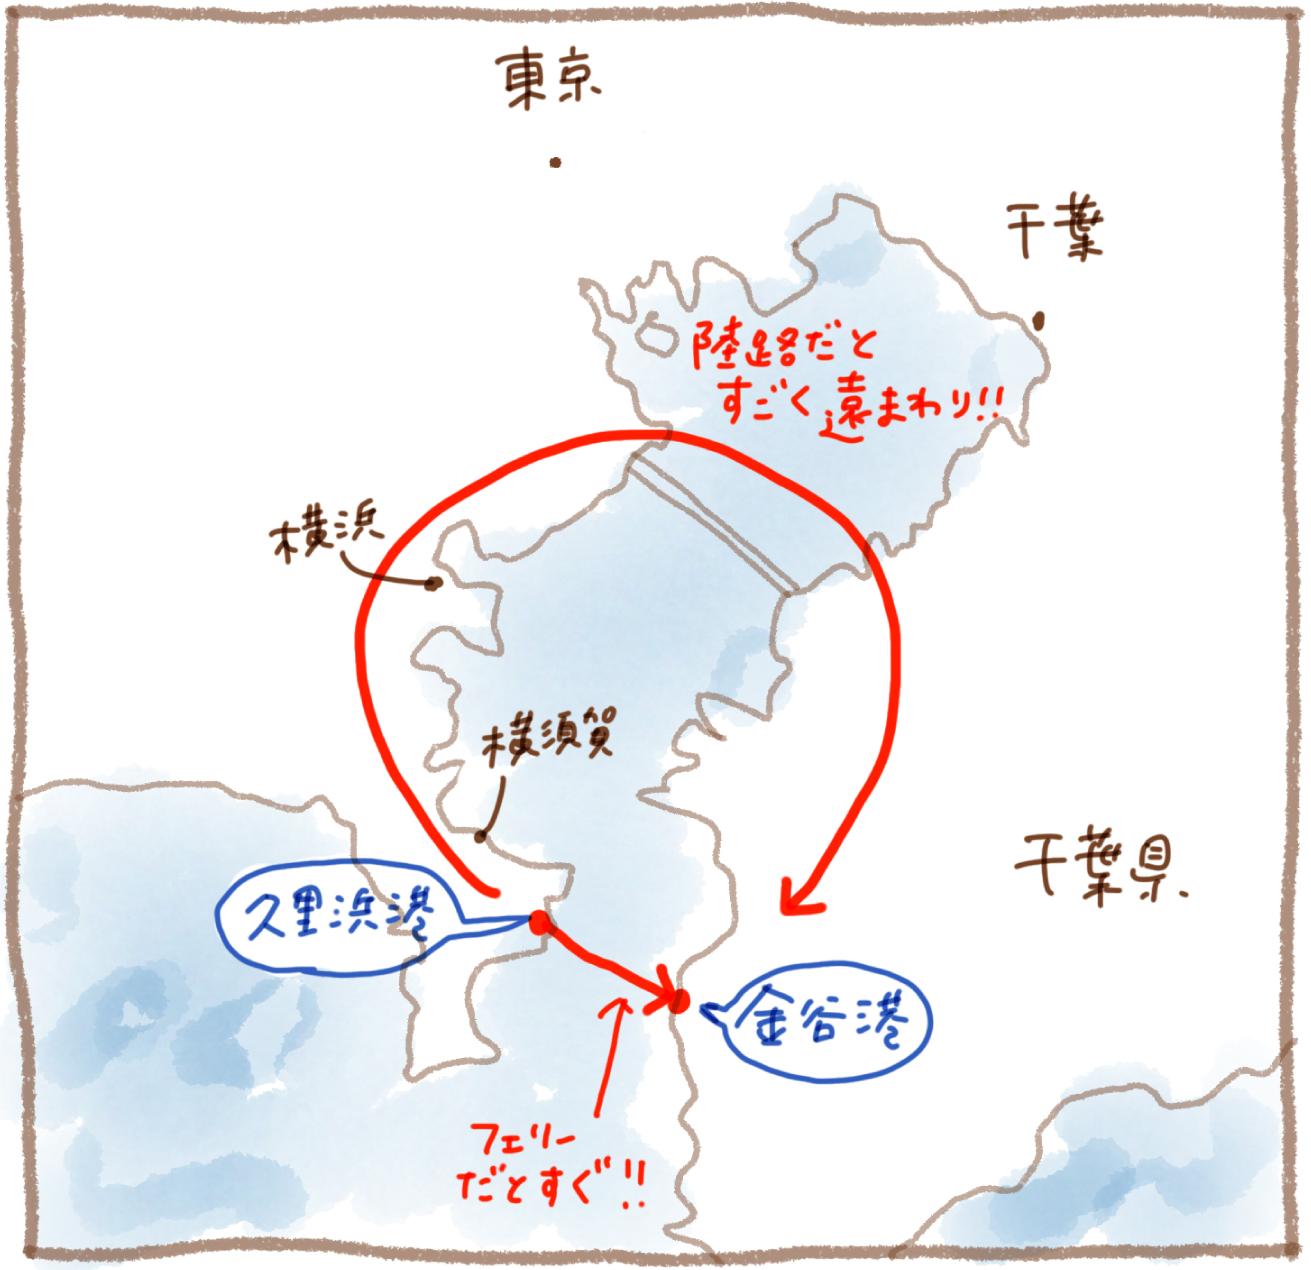 東京湾の地図